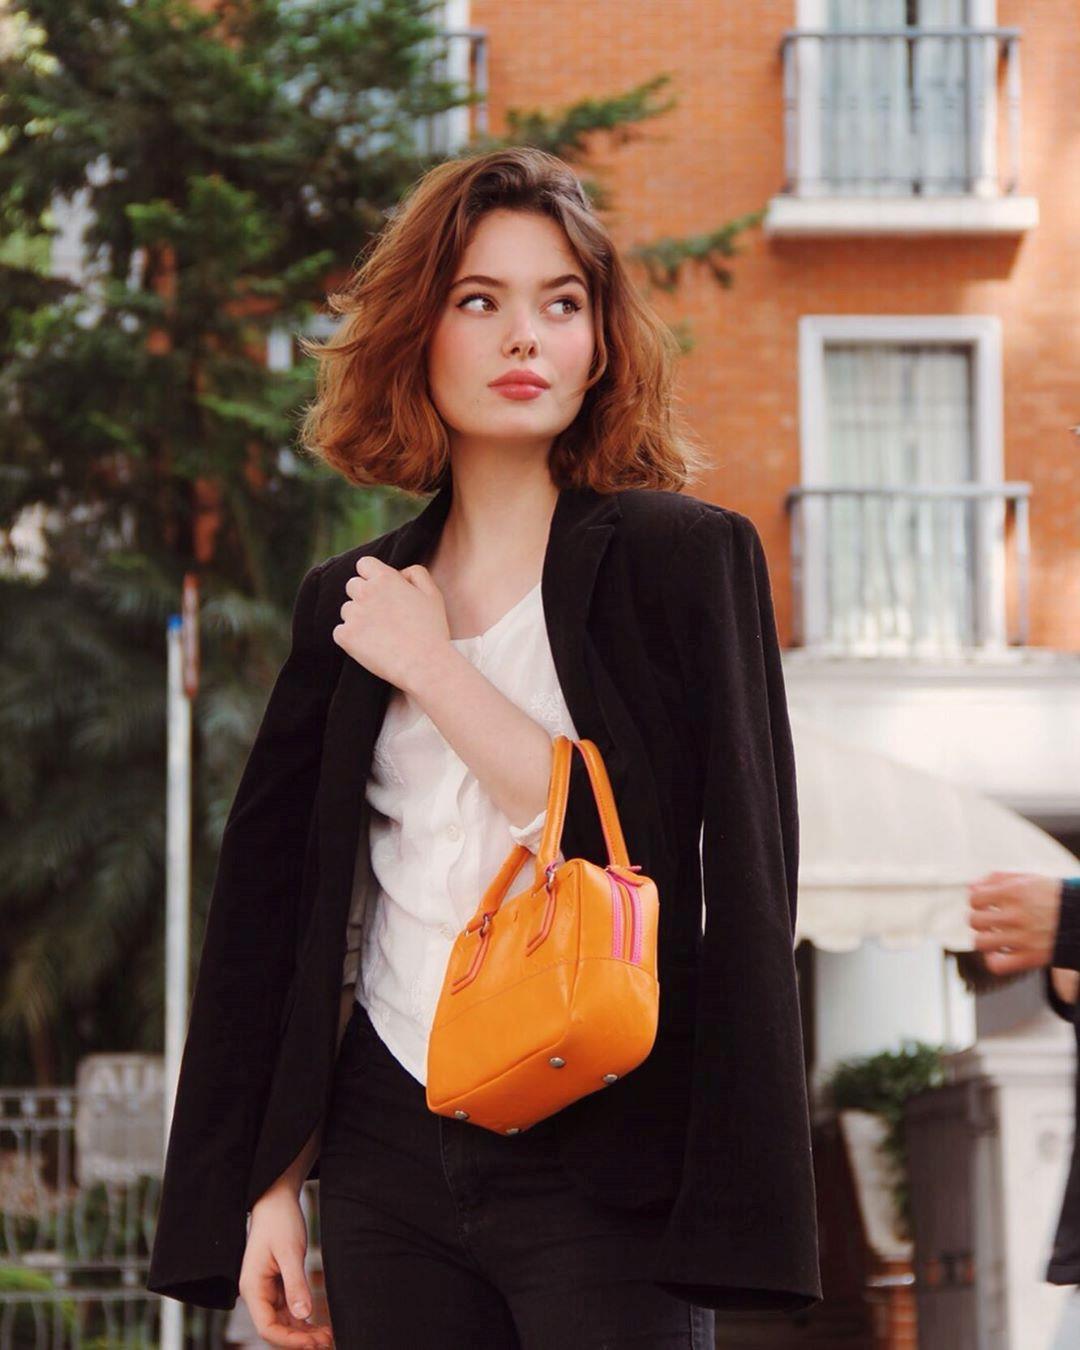 Loạt người mẫu trẻ được chú ý vì sở hữu nét đẹp giống Angelina Jolie Ảnh 5